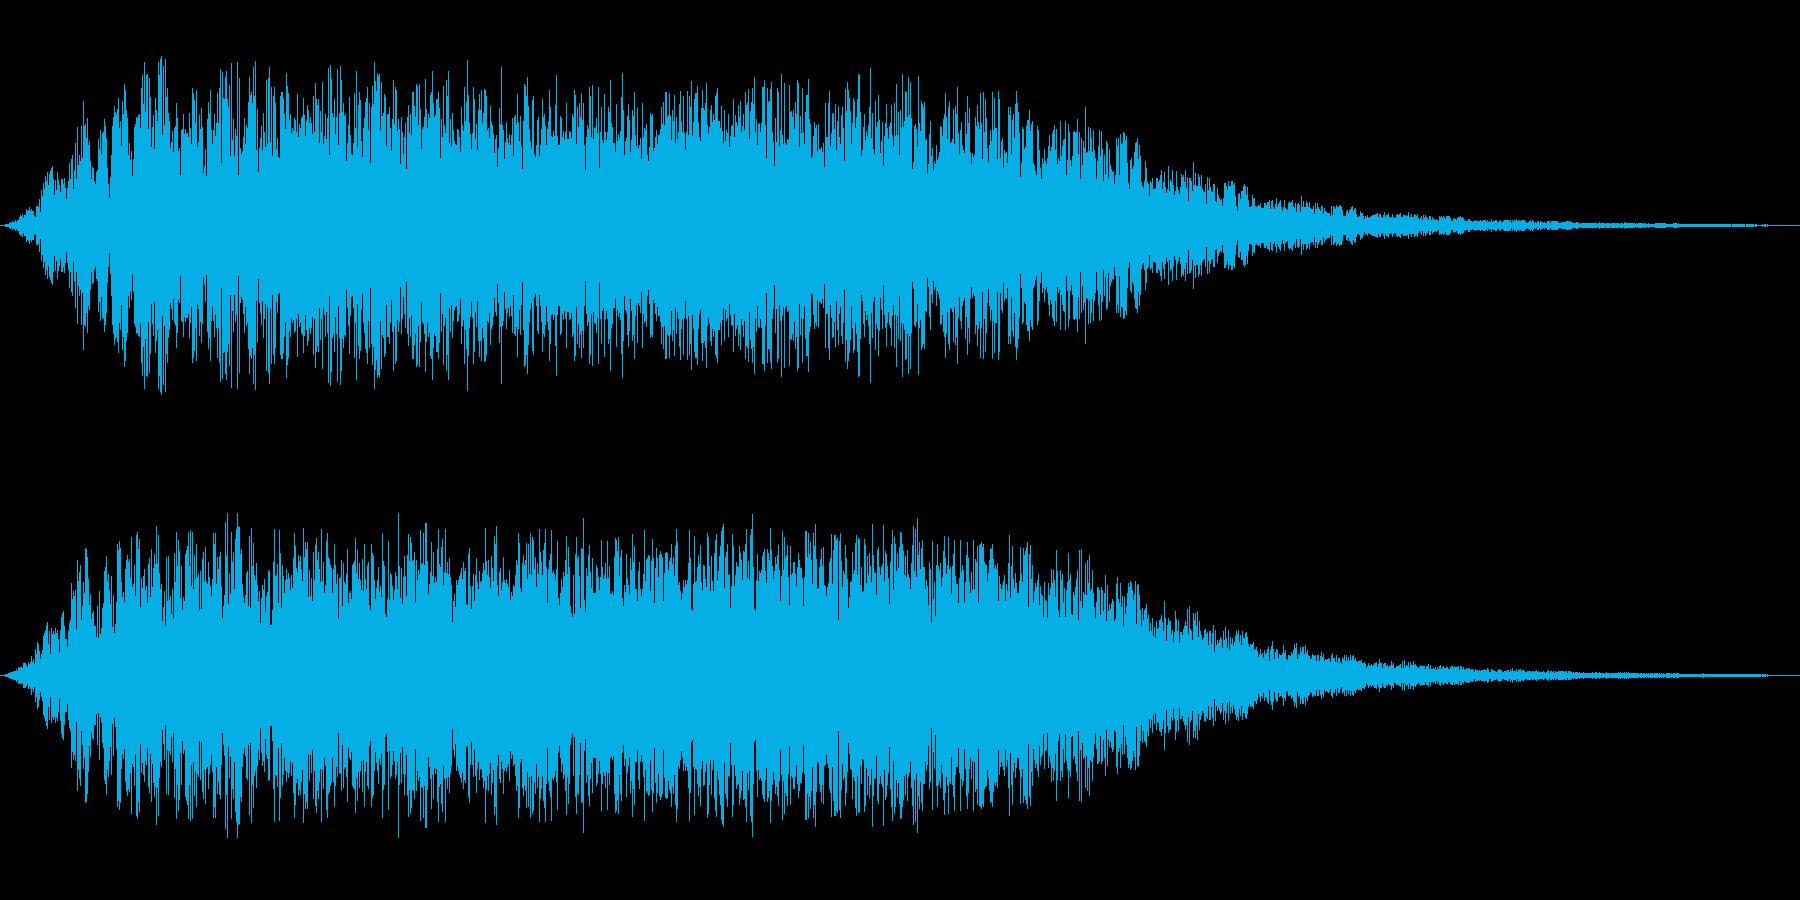 シャアアーン(澄んだ透明感ある効果音)の再生済みの波形